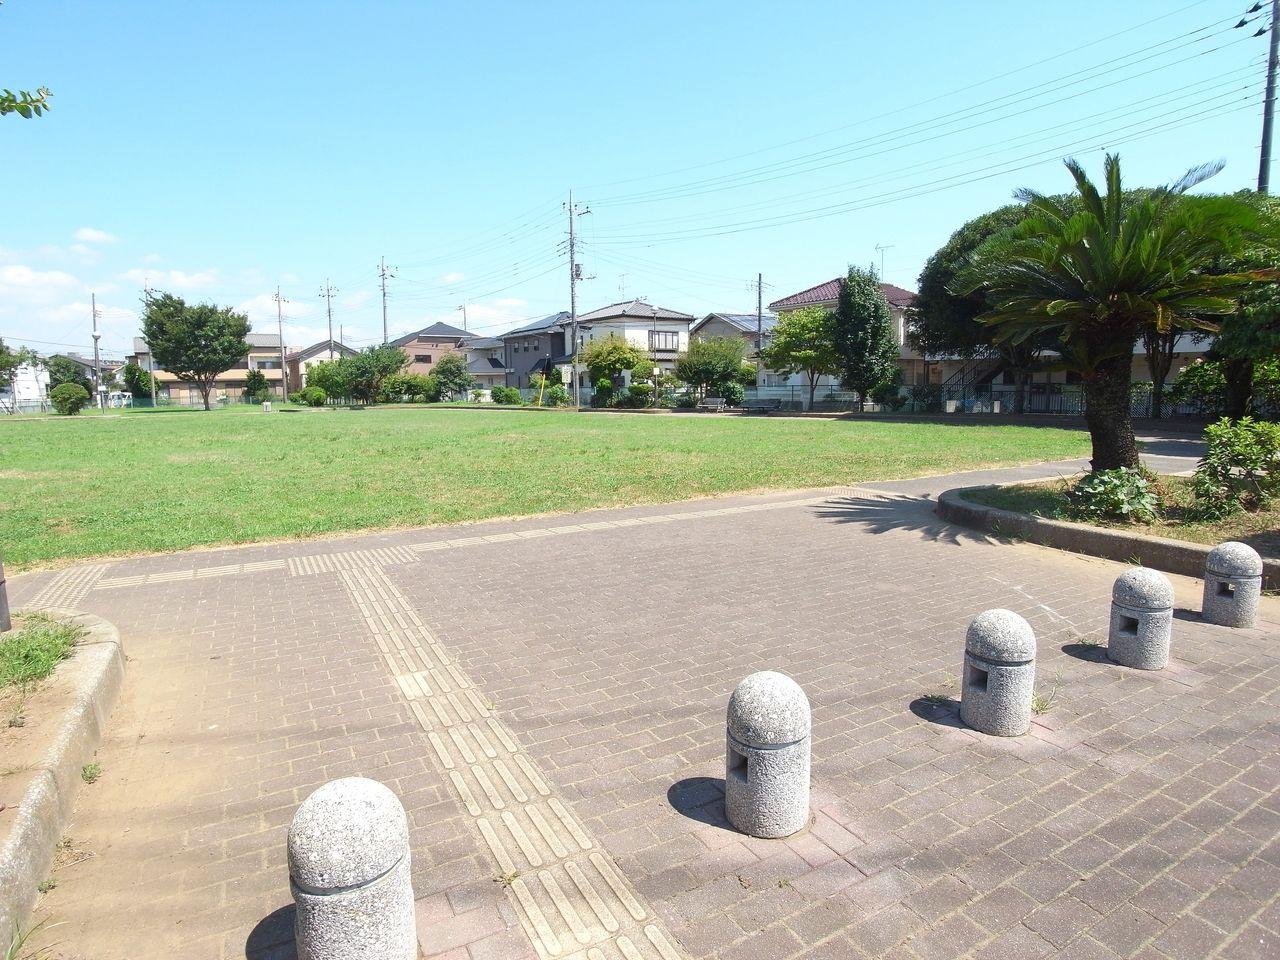 原っぱ公園と呼ばれており、子供たちに人気の公園です。